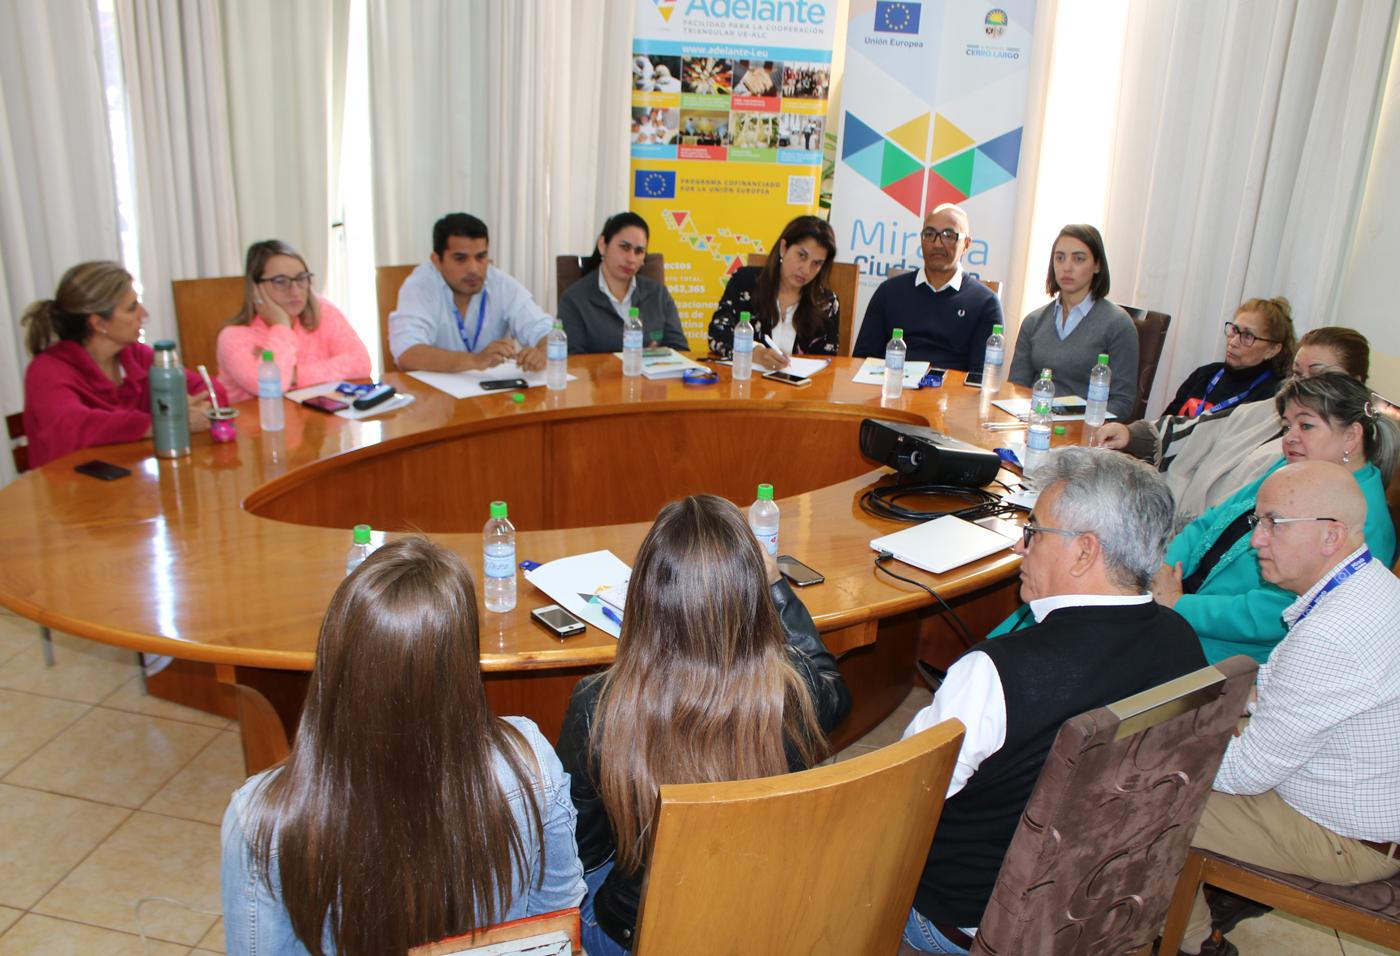 En el Municipio de Presidente Franco con los representantes del sector turístico, intercambiando sobre el potencial y las perspectivas de desarrollo del sector.